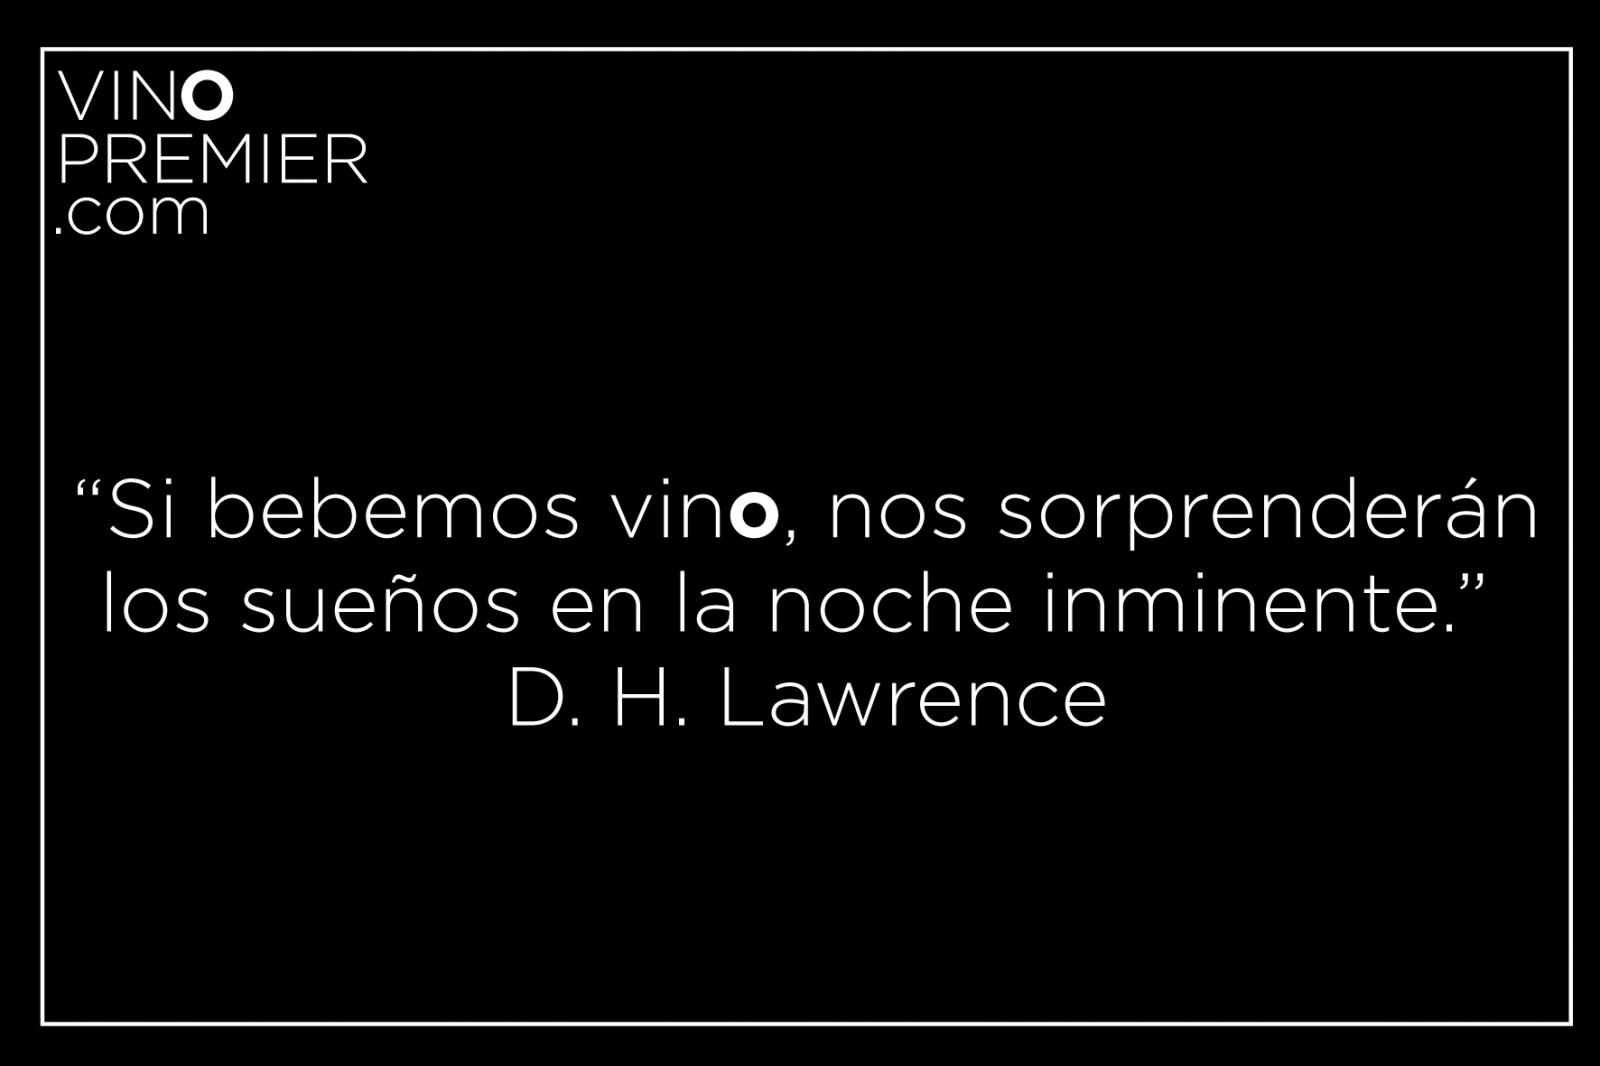 frases célebres del vino